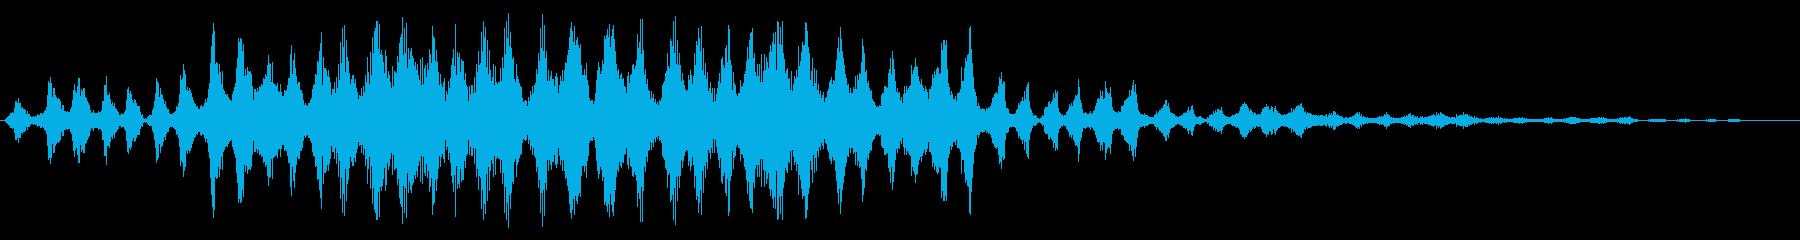 カシャカシャカシャ〜(宇宙人の会話)の再生済みの波形